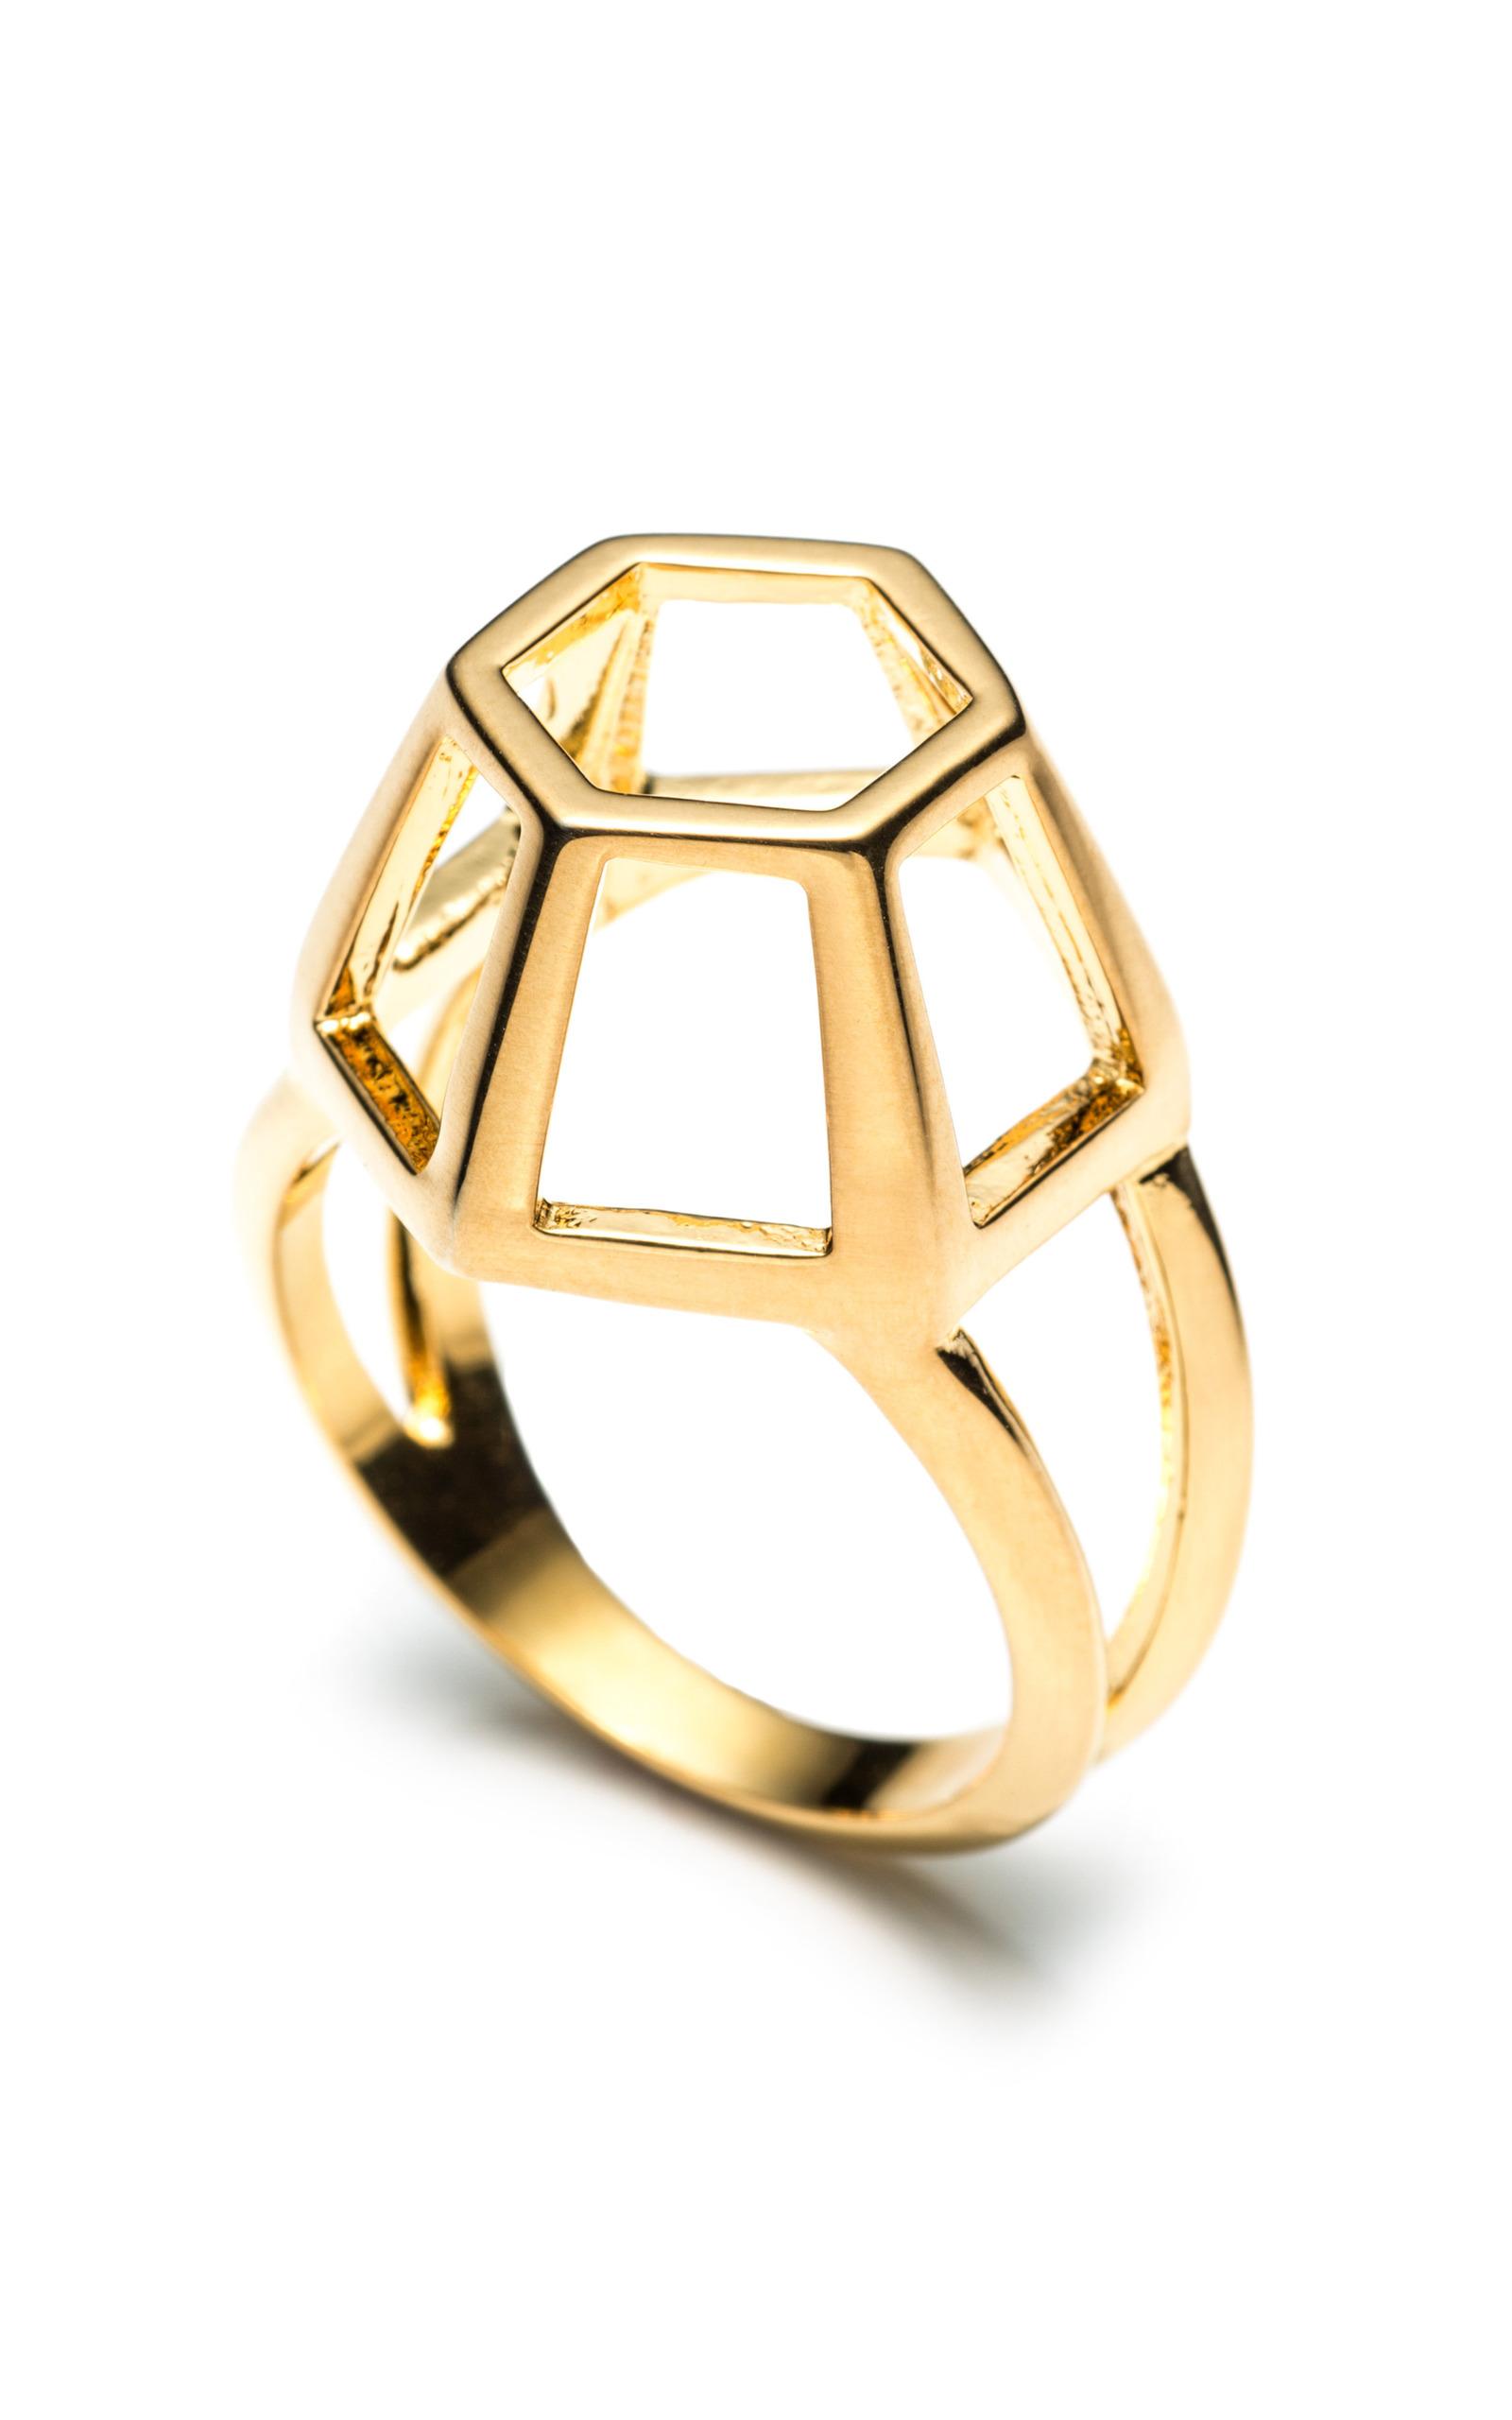 8a38c4d84c7f Lattice Ring by Eddie Borgo